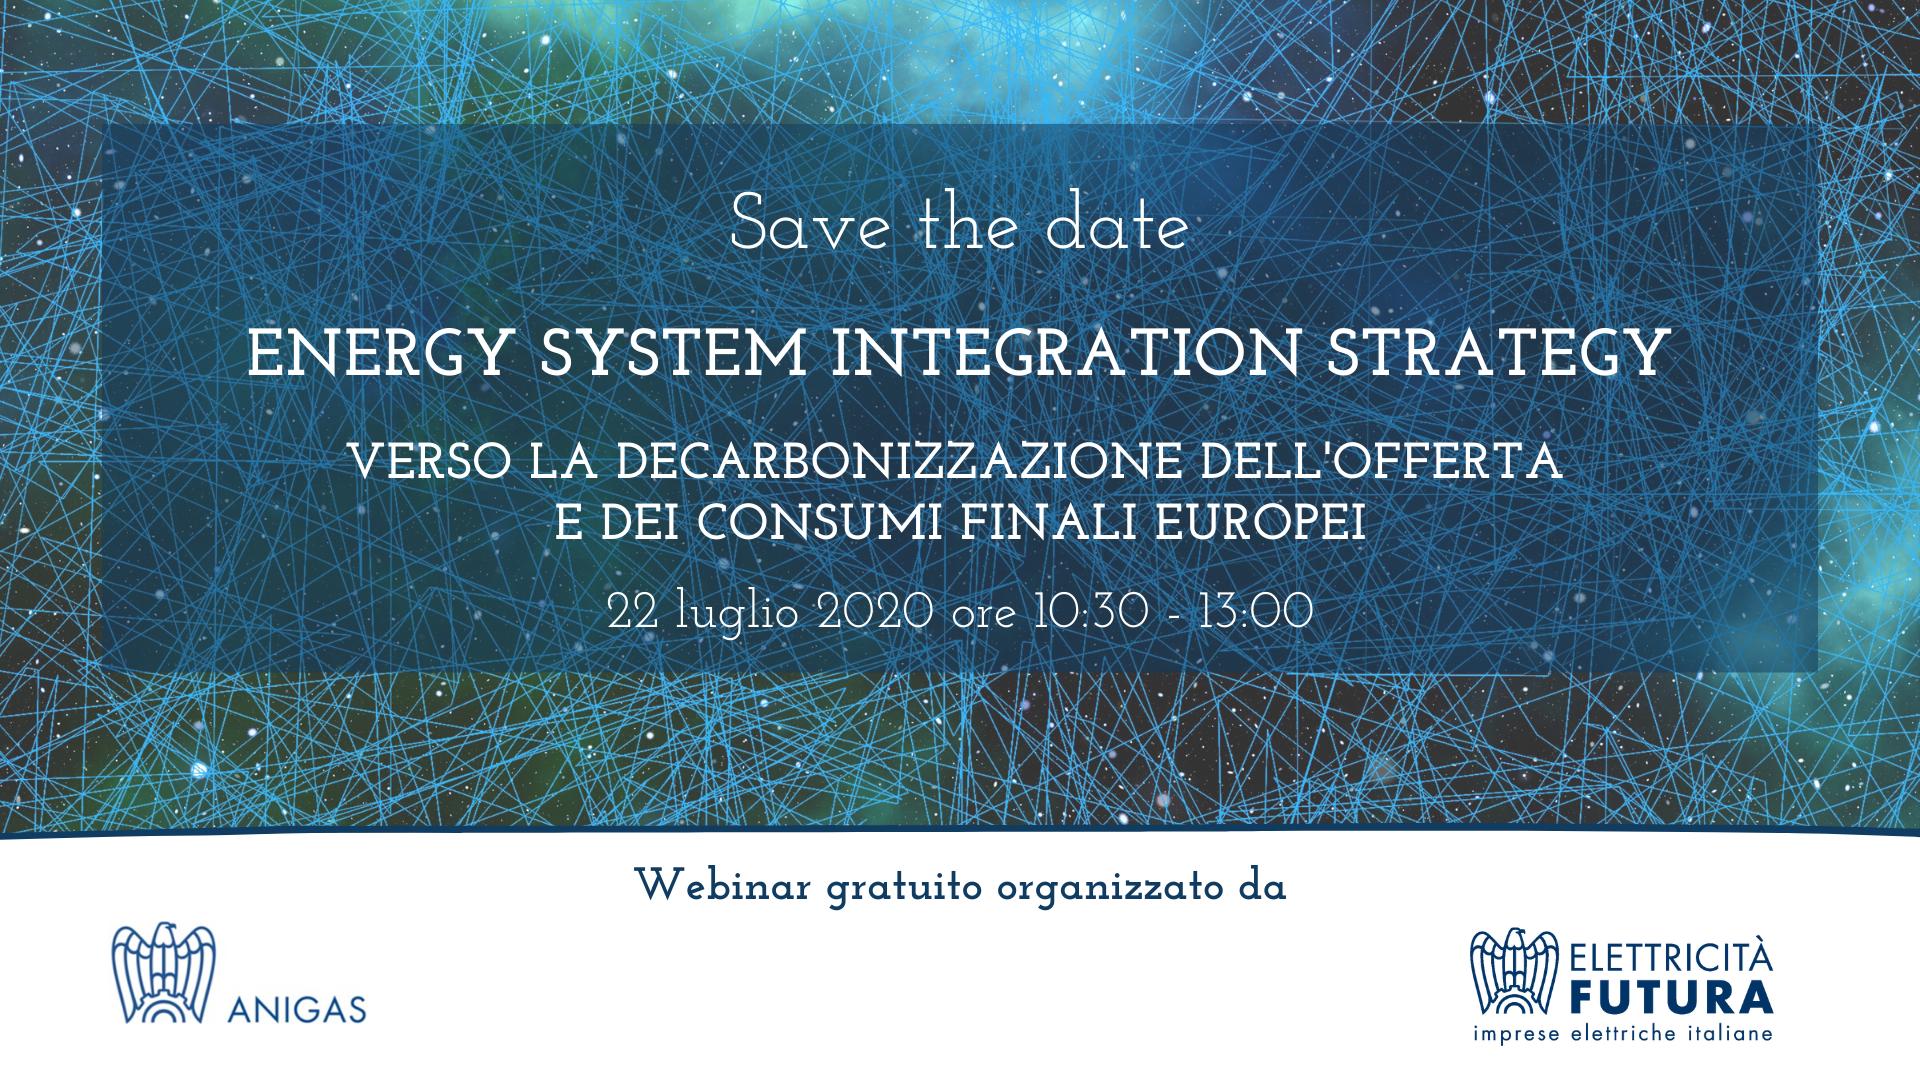 Energy system integration strategy. Verso la decarbonizzazione dell'offerta e dei consumi finali europei